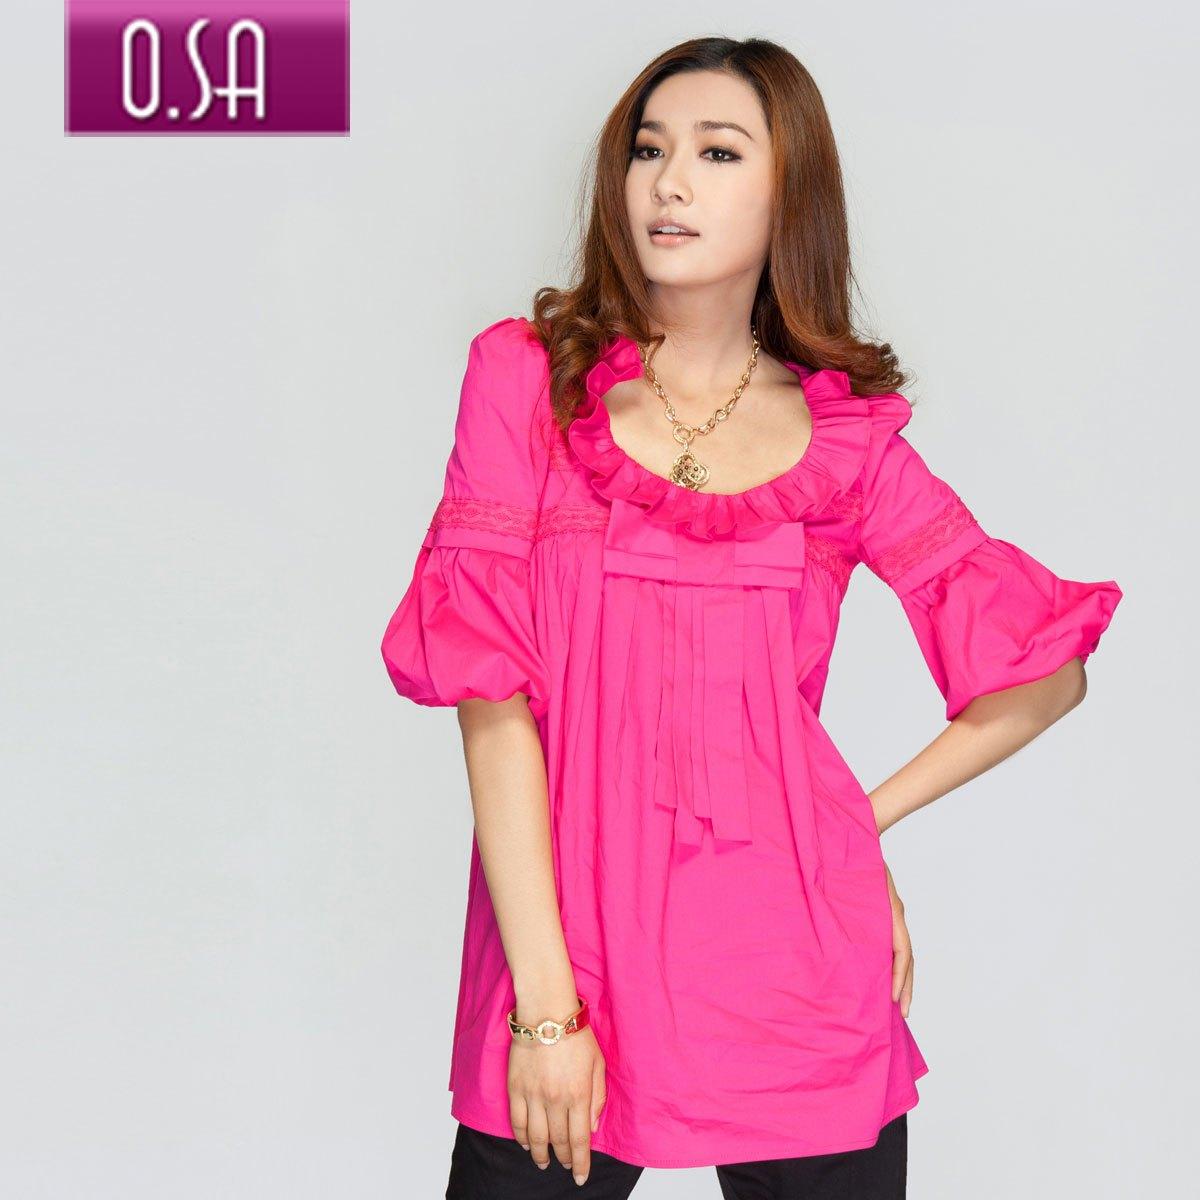 женская рубашка OSA sc10241 O.SA2011 97